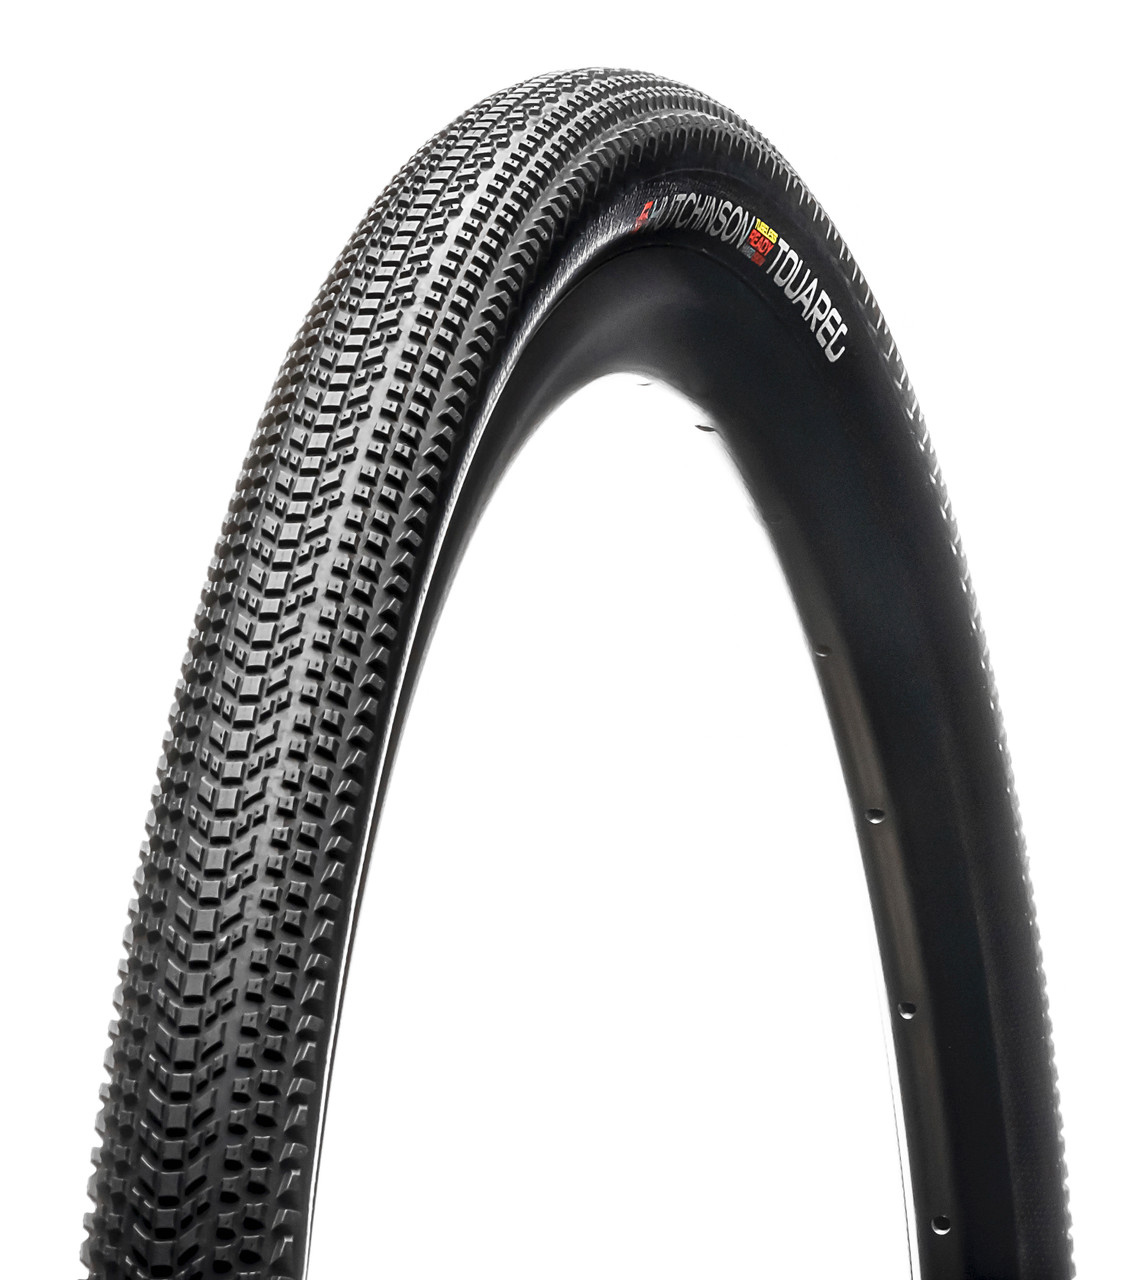 Hutchinson Touareg Tubeless Ready Gravel Tyre 700 x 40